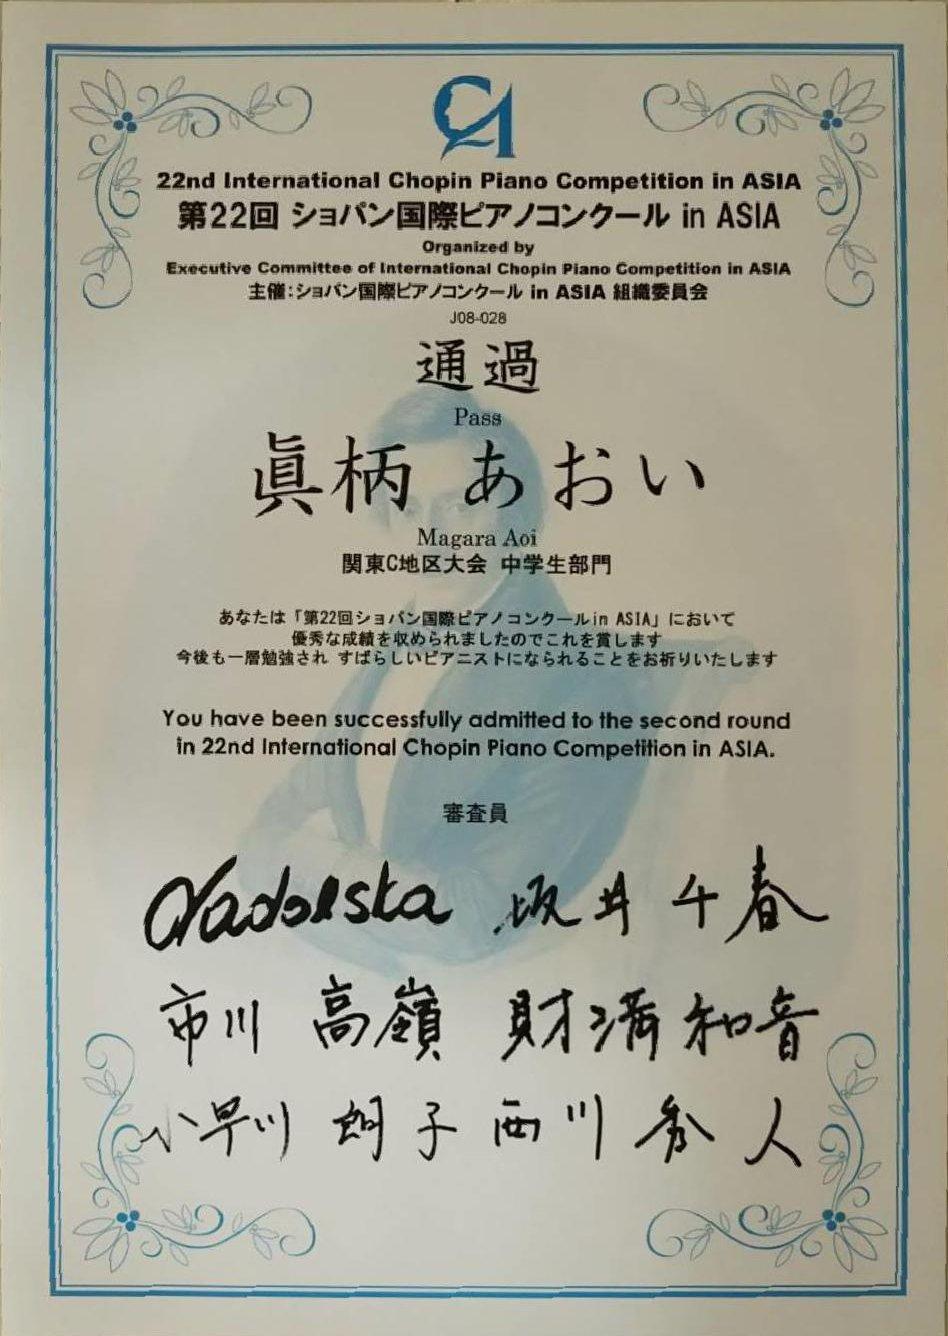 ショパンコンクールinアジア東京地区大会